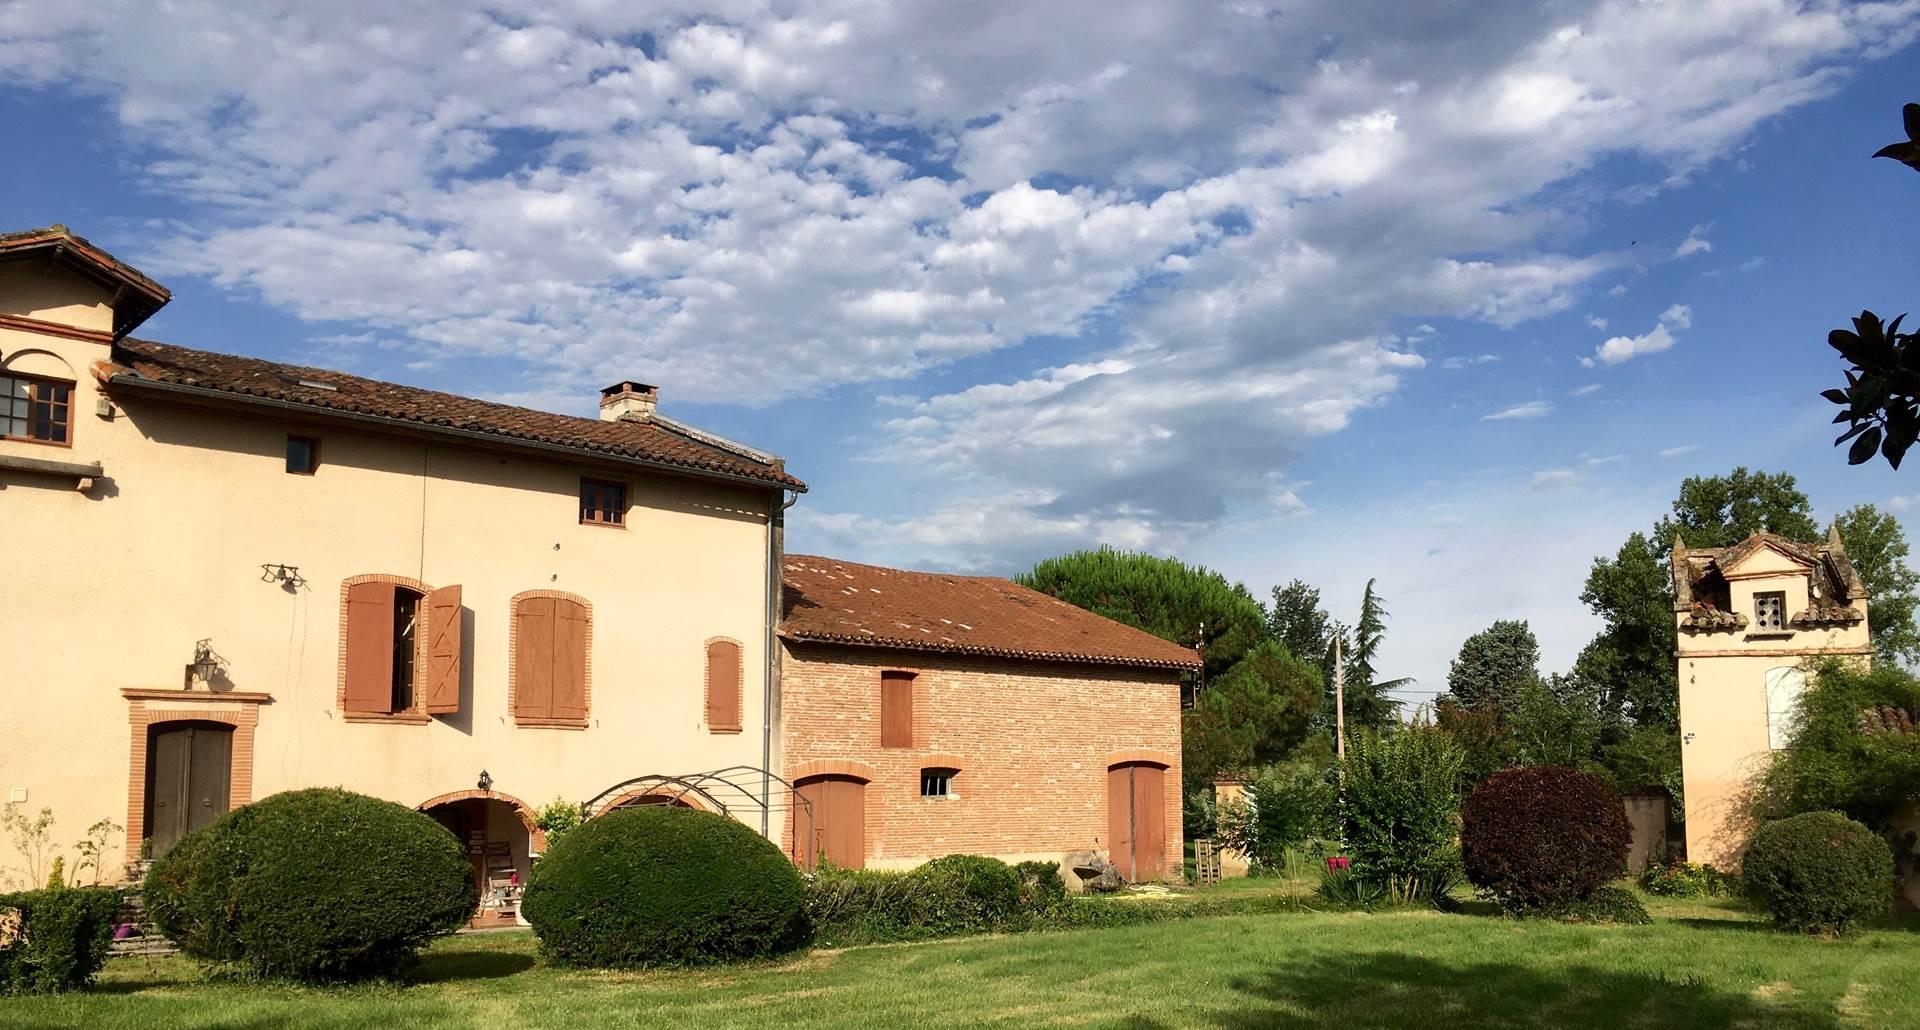 Le Ramiérou, chambres d'hôtes à Montauban en Tarn et Garonne. Point de chute idéal pour rejoindre les Gorges de l'Aveyron